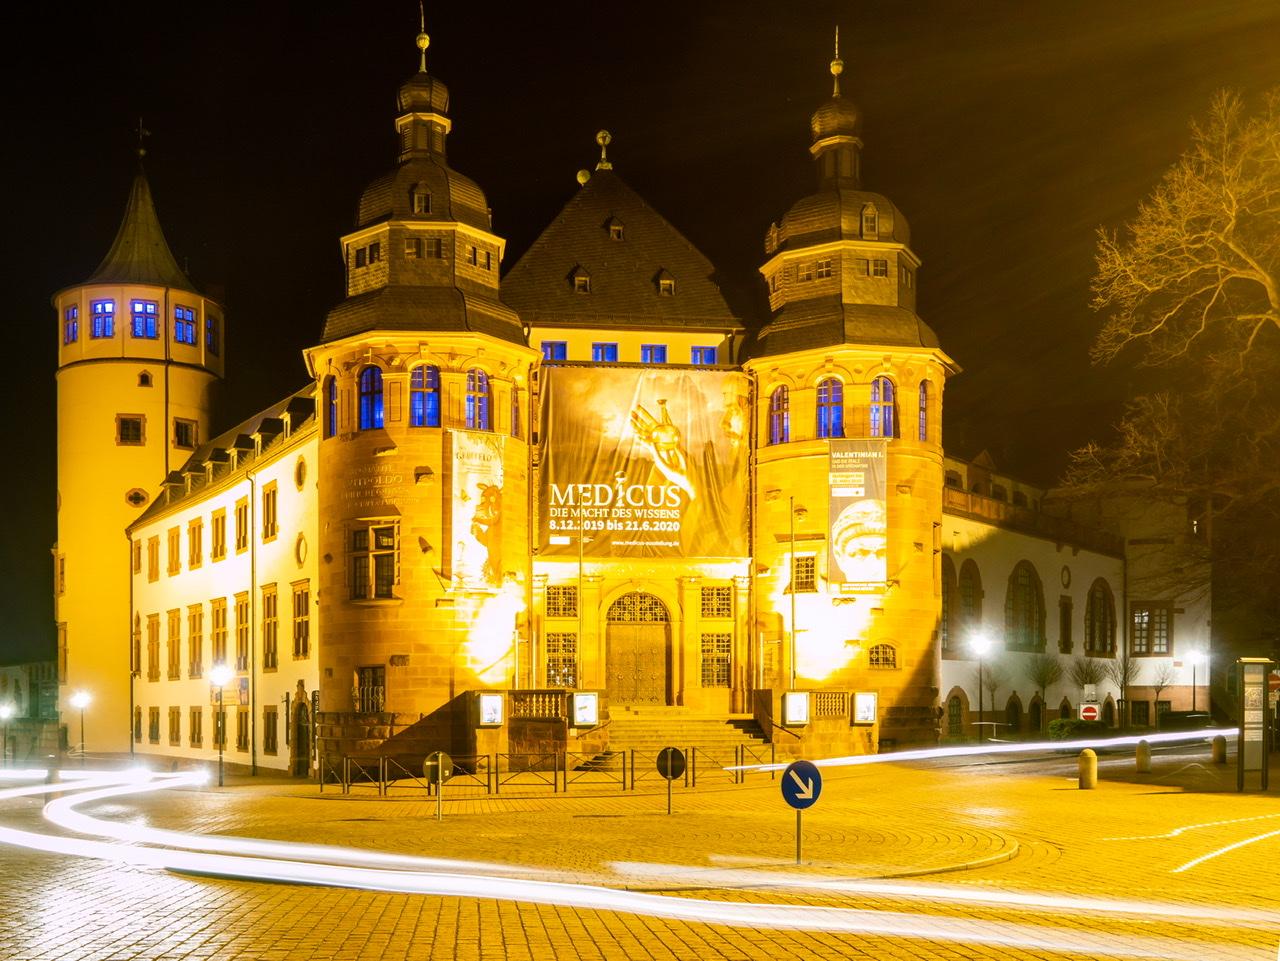 Historisches Museum der Pfalz, Germany